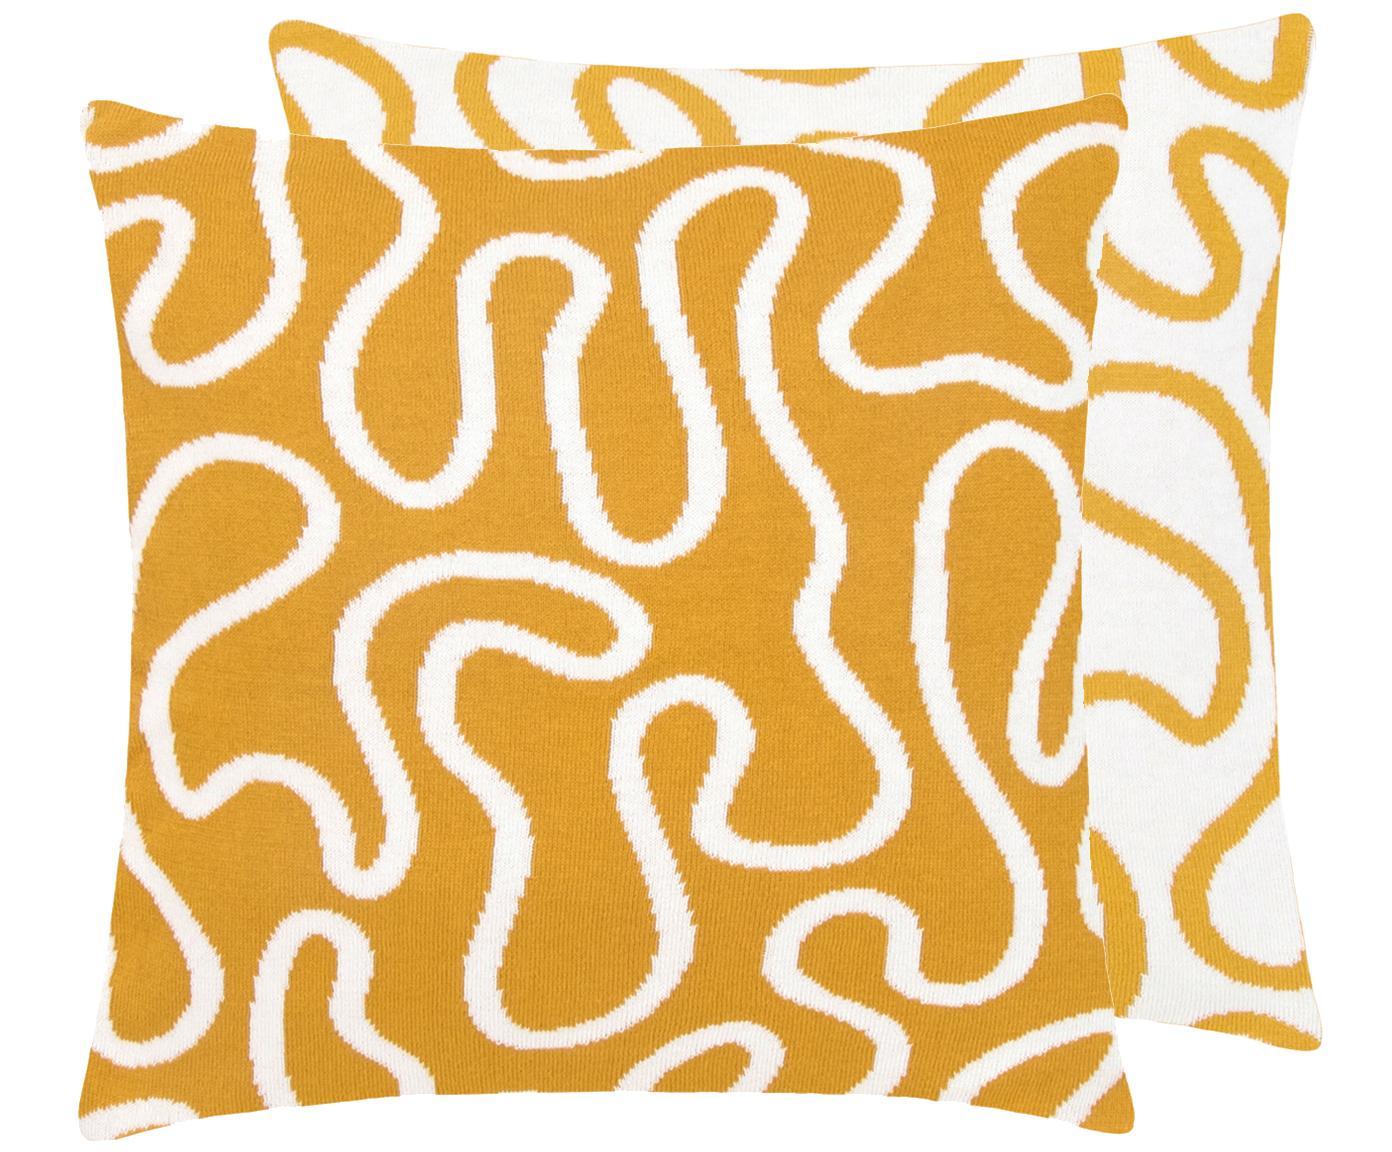 Fijn gebreide dubbelzijdige kussenhoes Amina, Katoen, Geel/wit, 40 x 40 cm